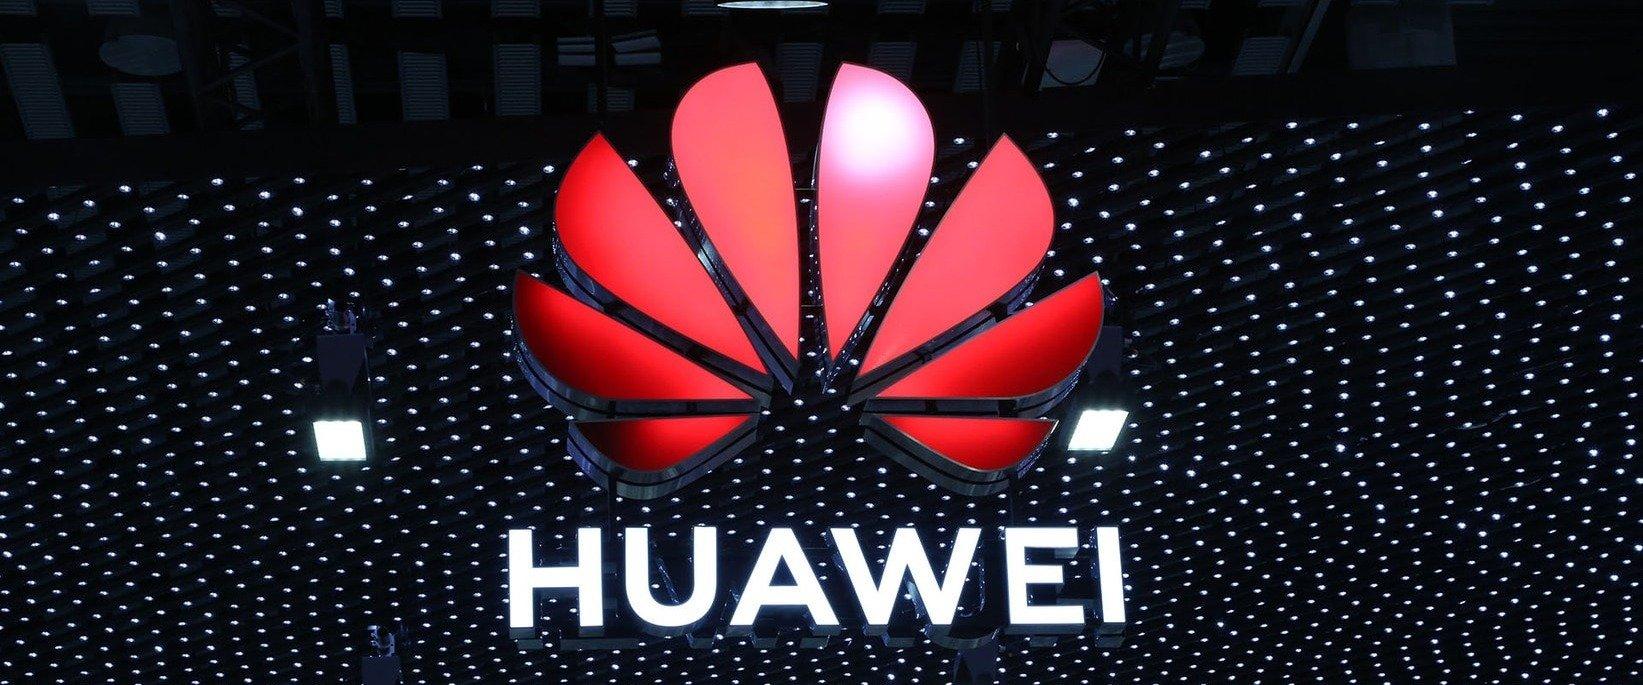 Huawei przeznaczy 100 mln dolarów na wsparcie startupów